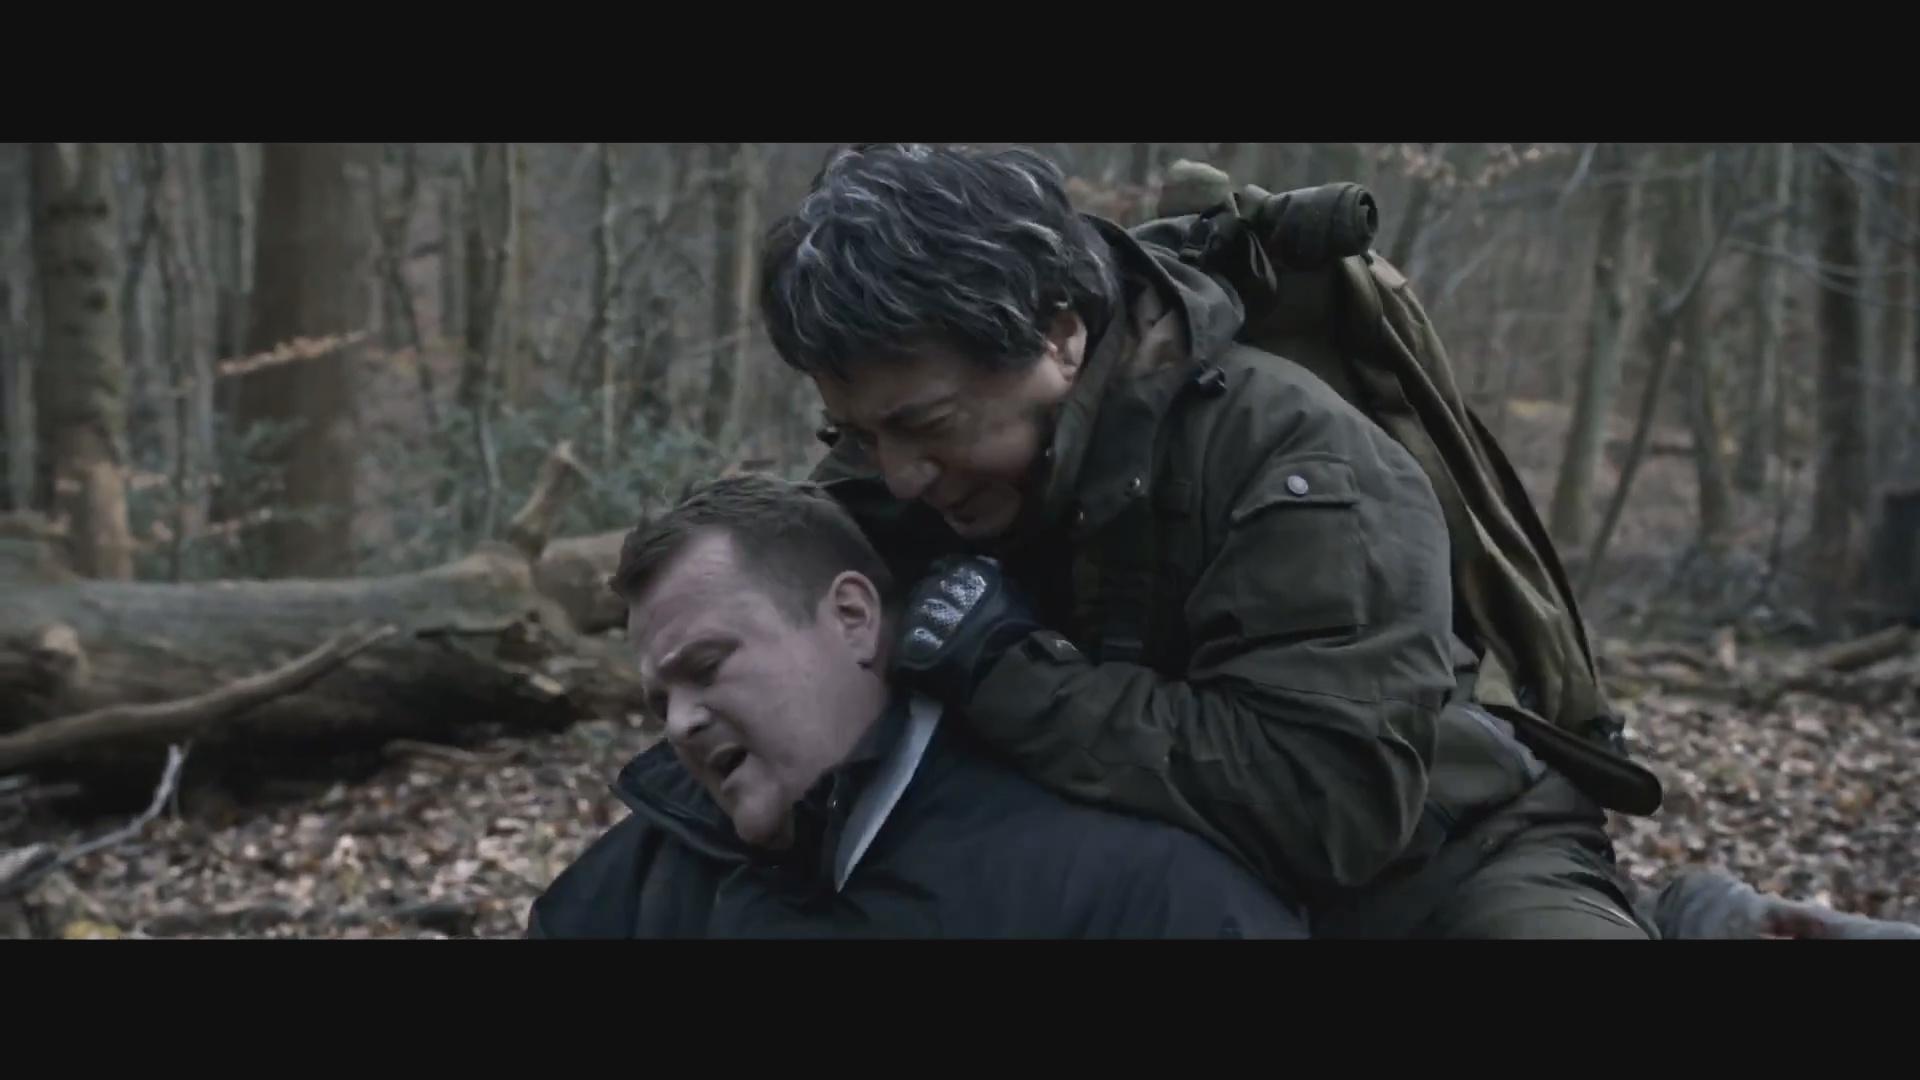 成龙受伤让人揪心《英伦对决》首曝野外对战电影片段